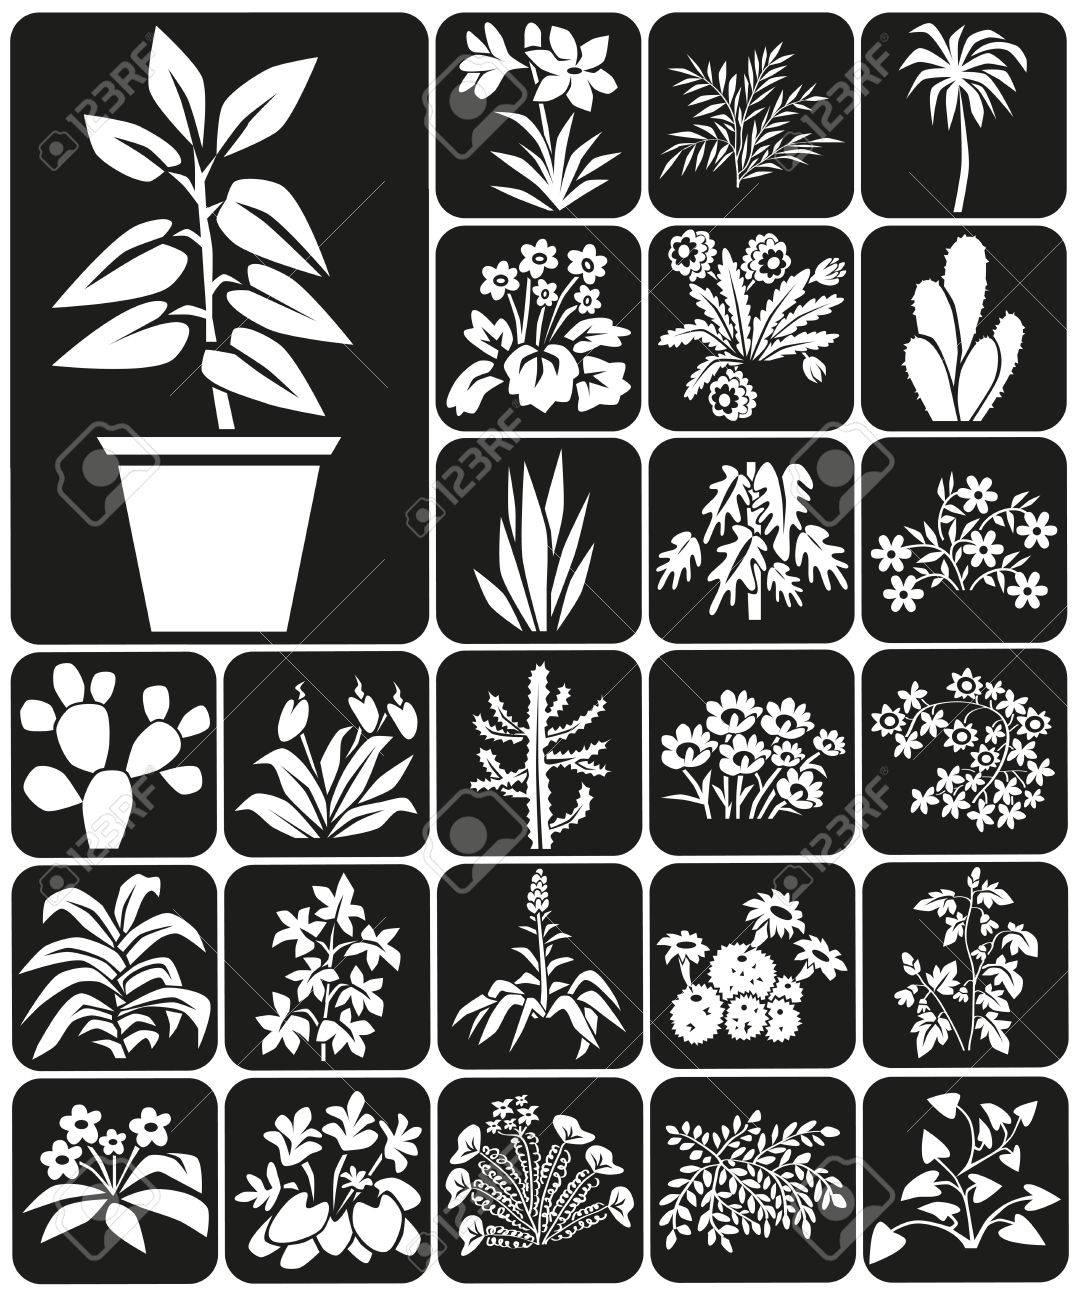 Icones Blanches Sur Fond Noir Les Plantes D Interieur Et De Fleurs